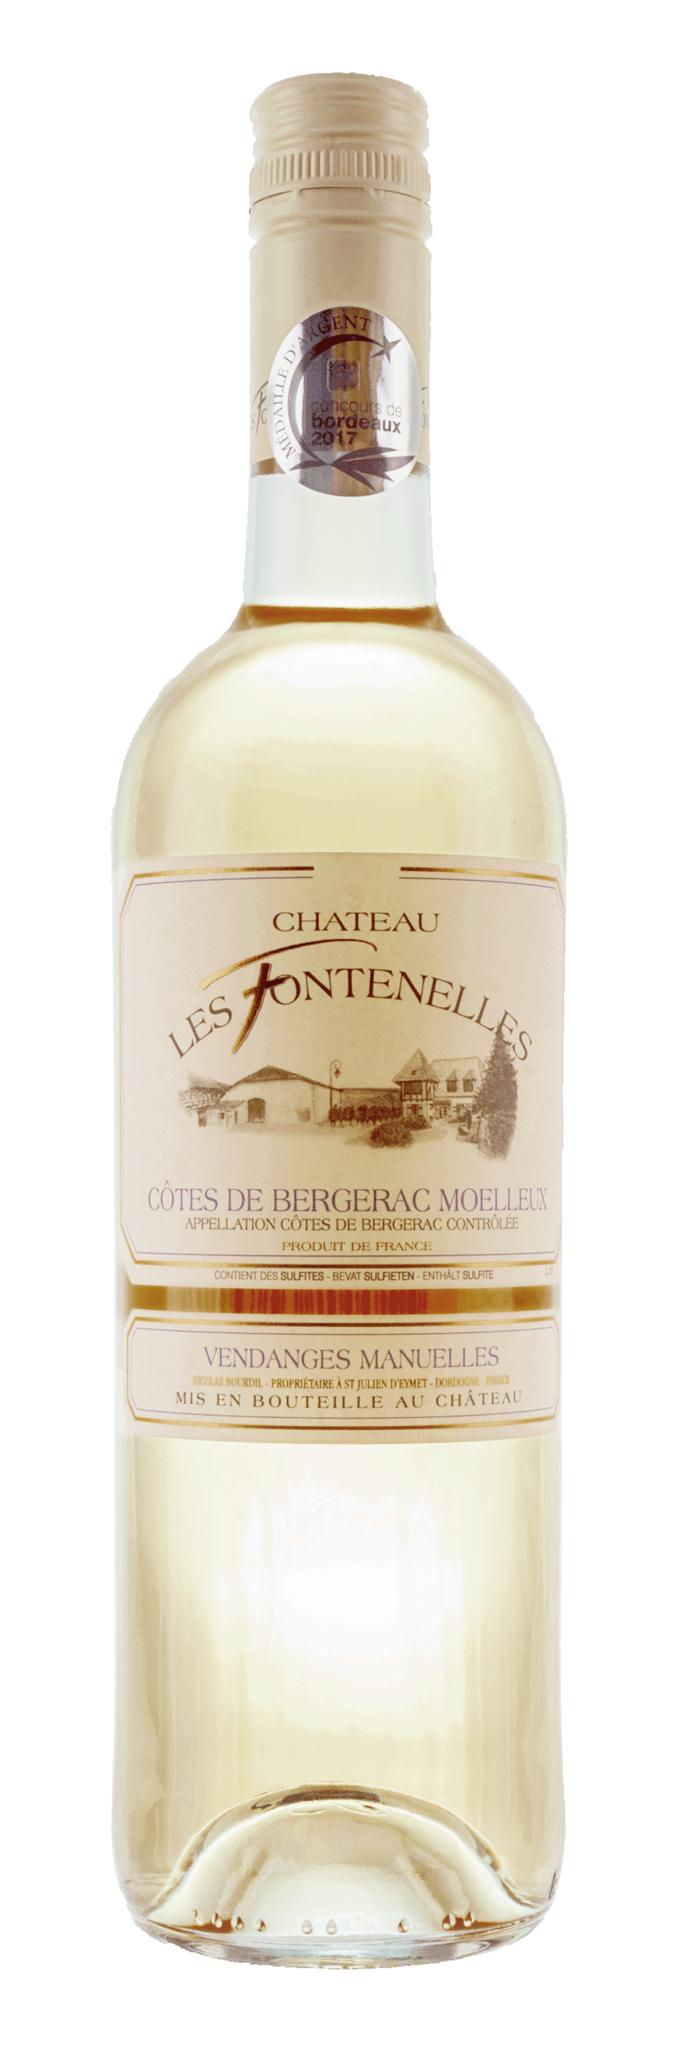 Fontenelles, Château les - Bergerac 2020 Château les Fontenelles, Côtes de Bergerac moelleux